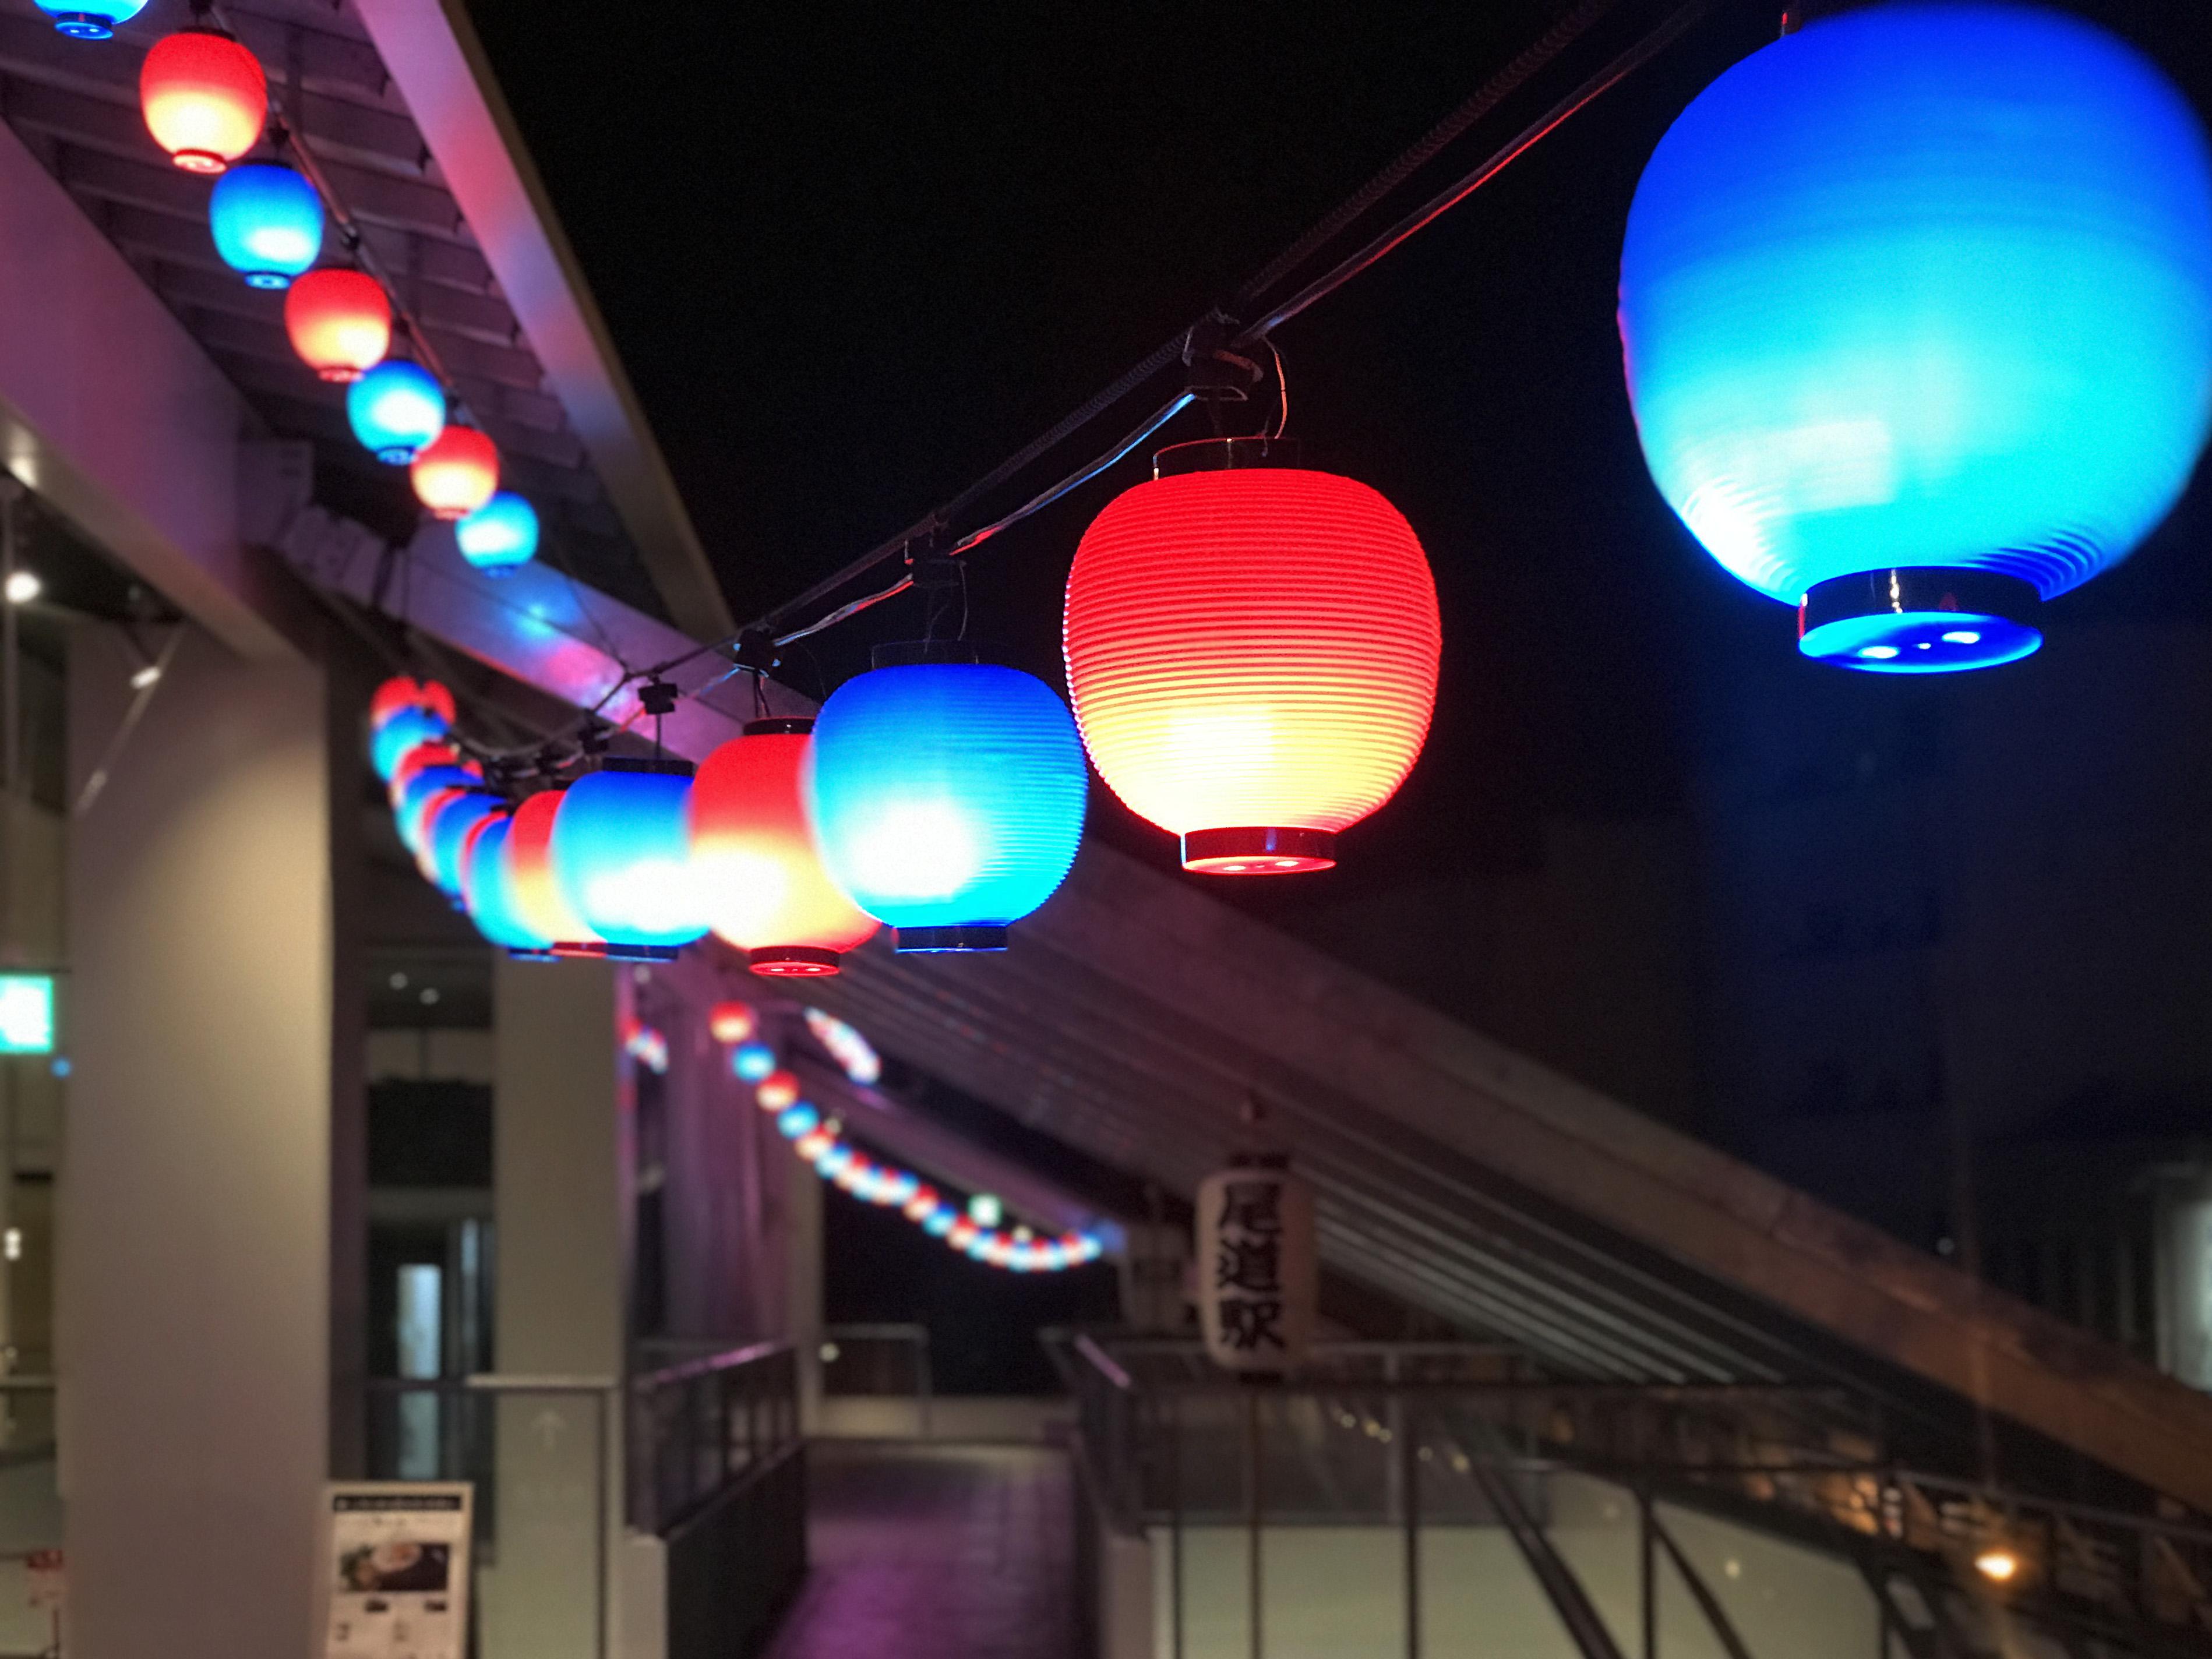 駅祭 -エキサイ- 会場は尾道水道の夜景を望む開放的なデッキ